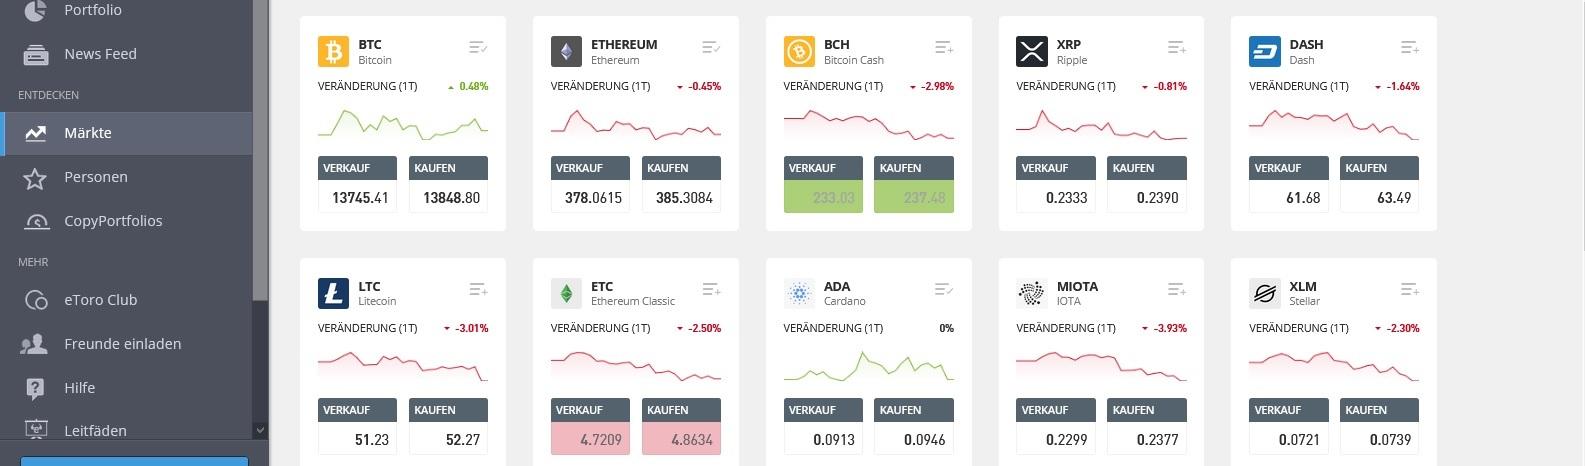 eToro comercializa varias criptomonedas